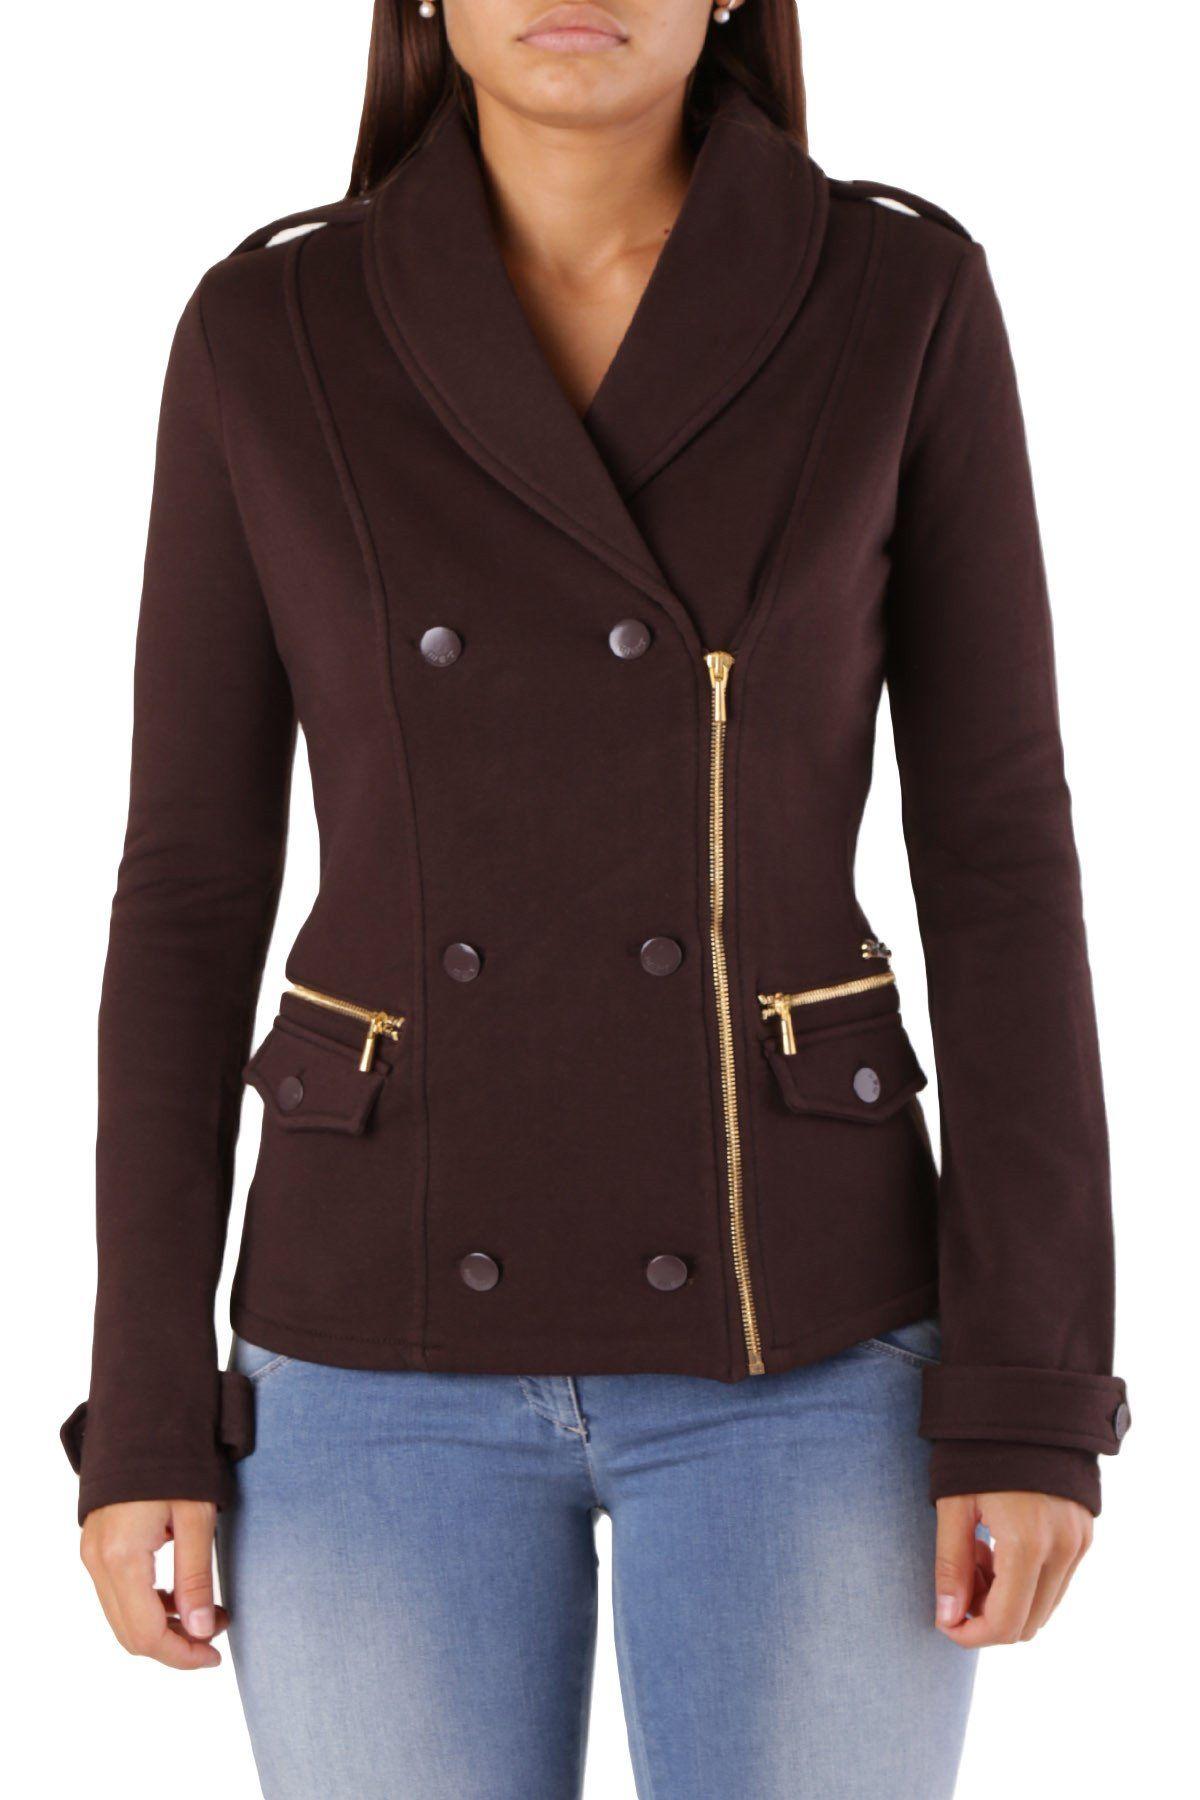 Met Women's Blazer In Brown